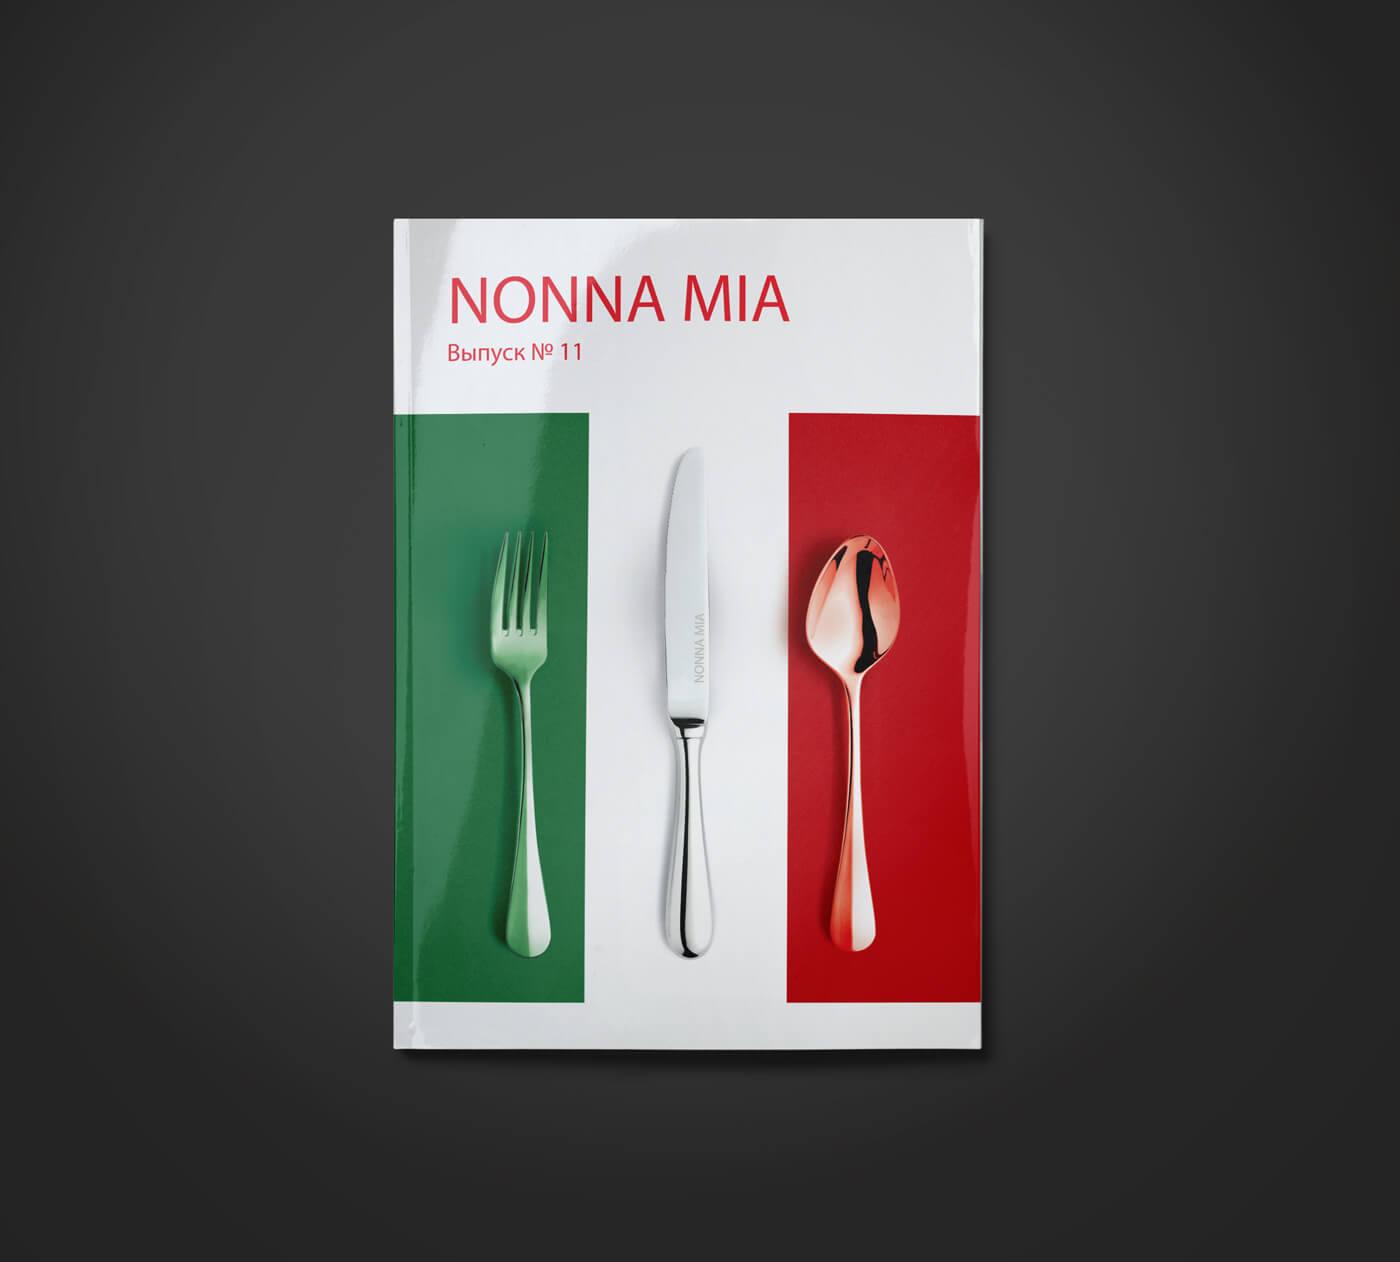 Дизайн обложки меню – выпуск 11 – Итальянский ресторан «Нонна Миа»